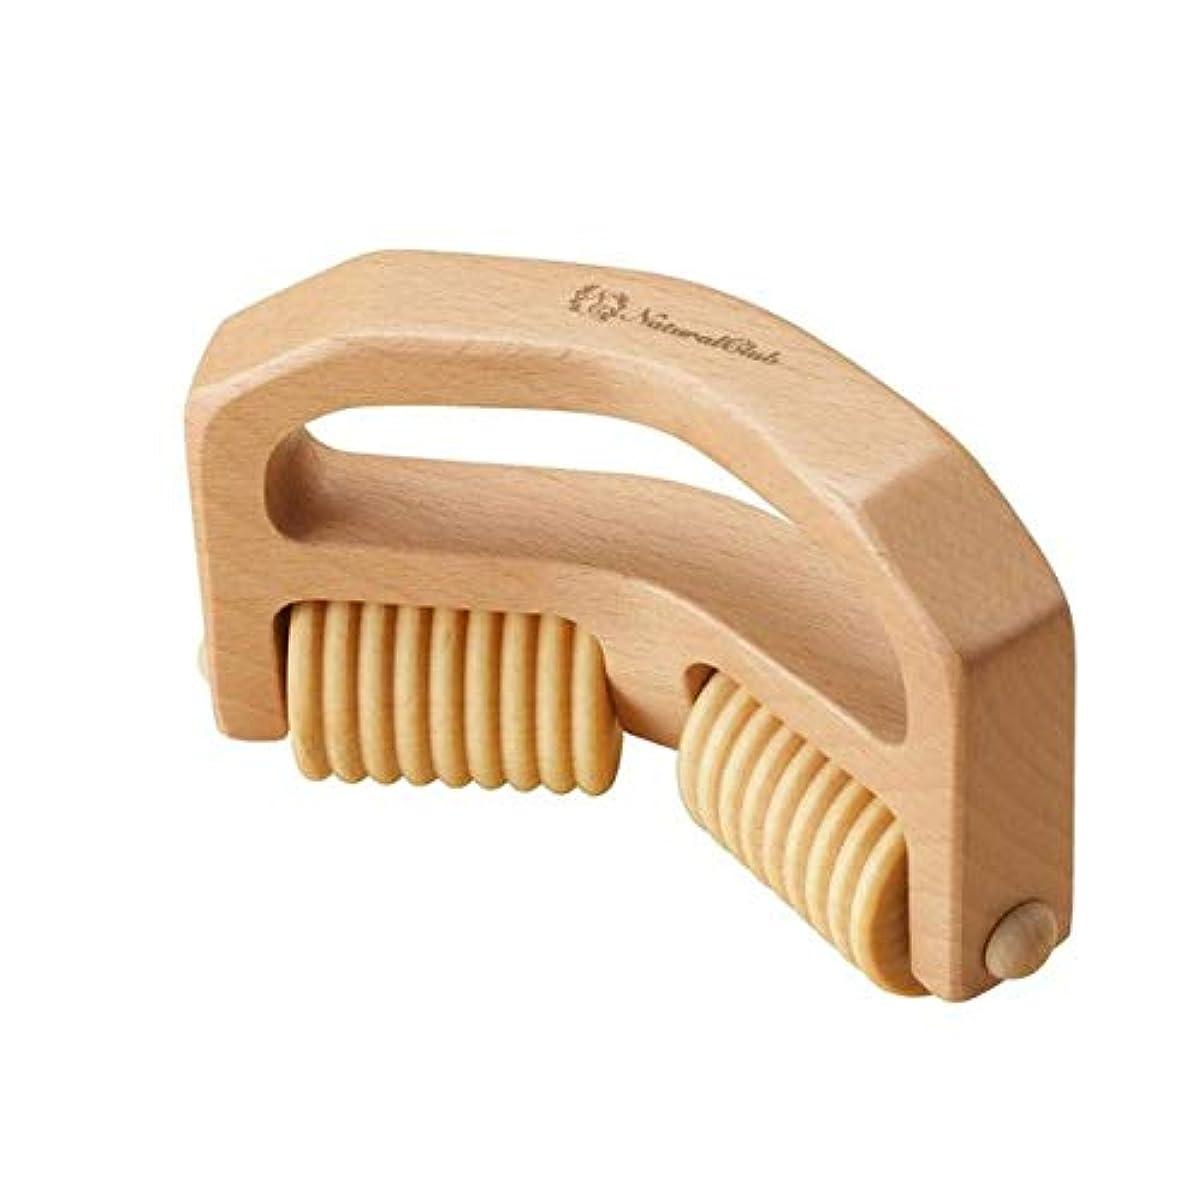 聴覚障害者アブストラクト構想するBM-102 つげボディスリムローラー